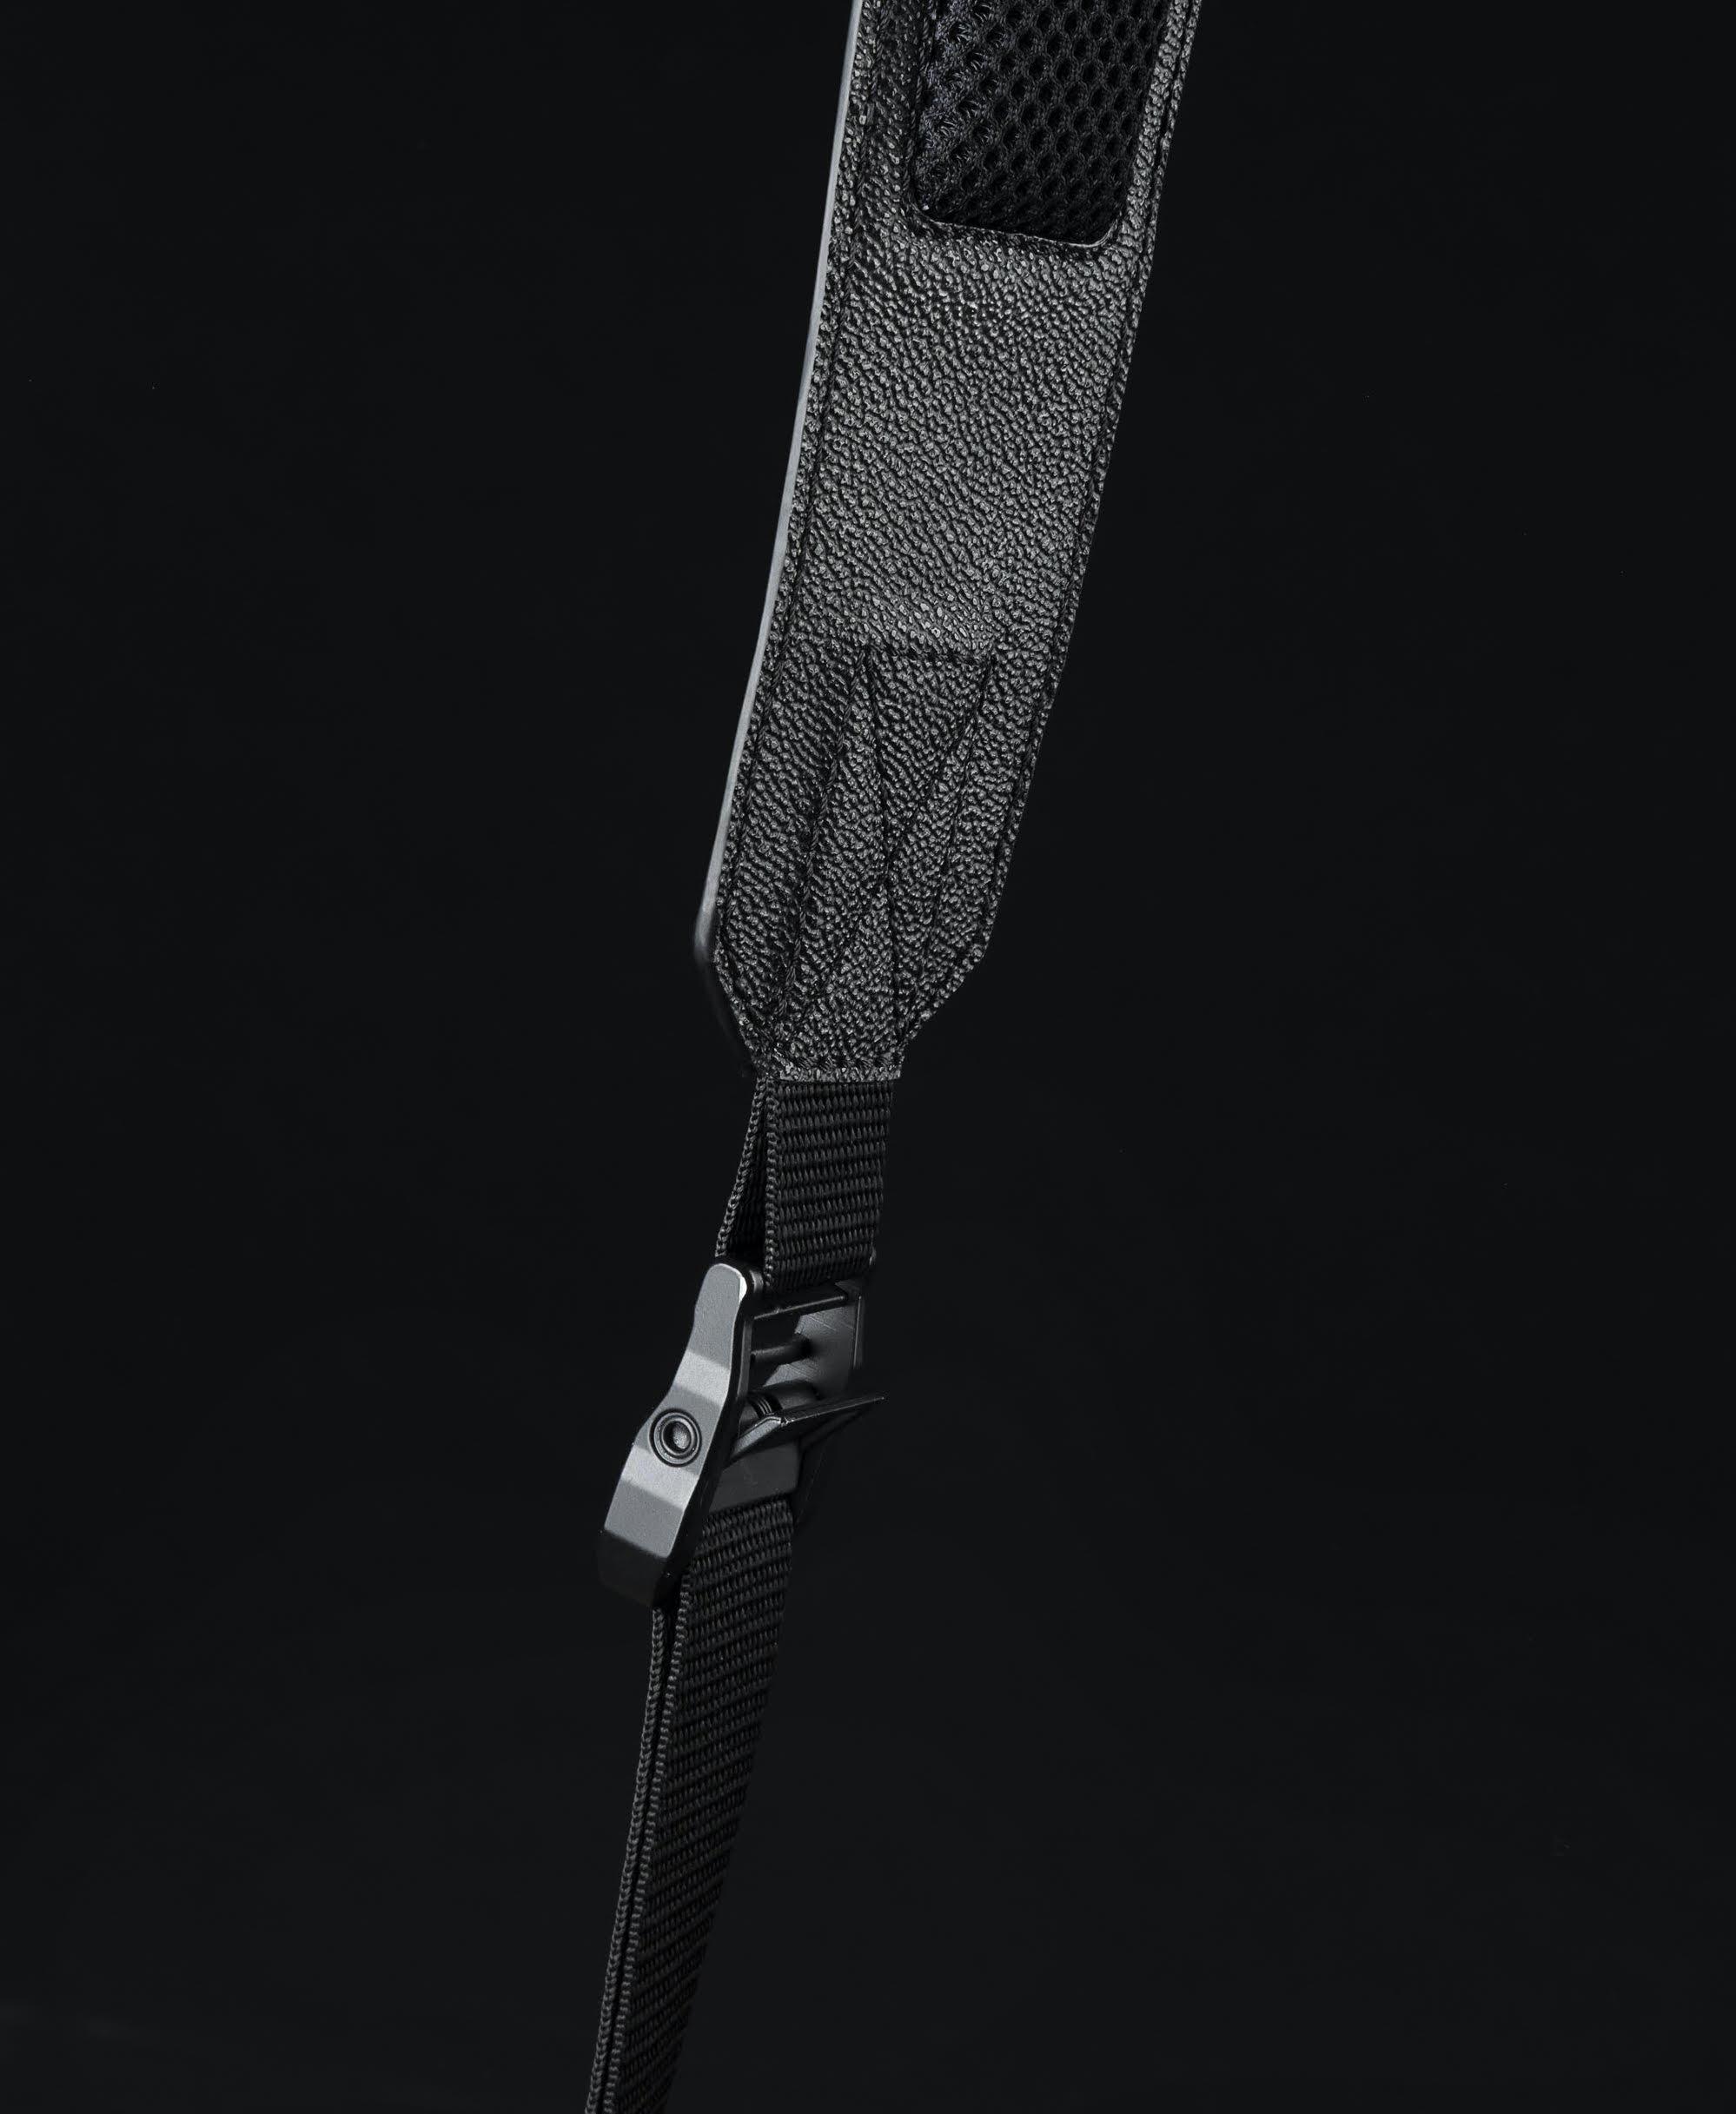 pochette contraste paris technologie sac photo cuir noir velours rouge bandoulière confort shoulder comfort